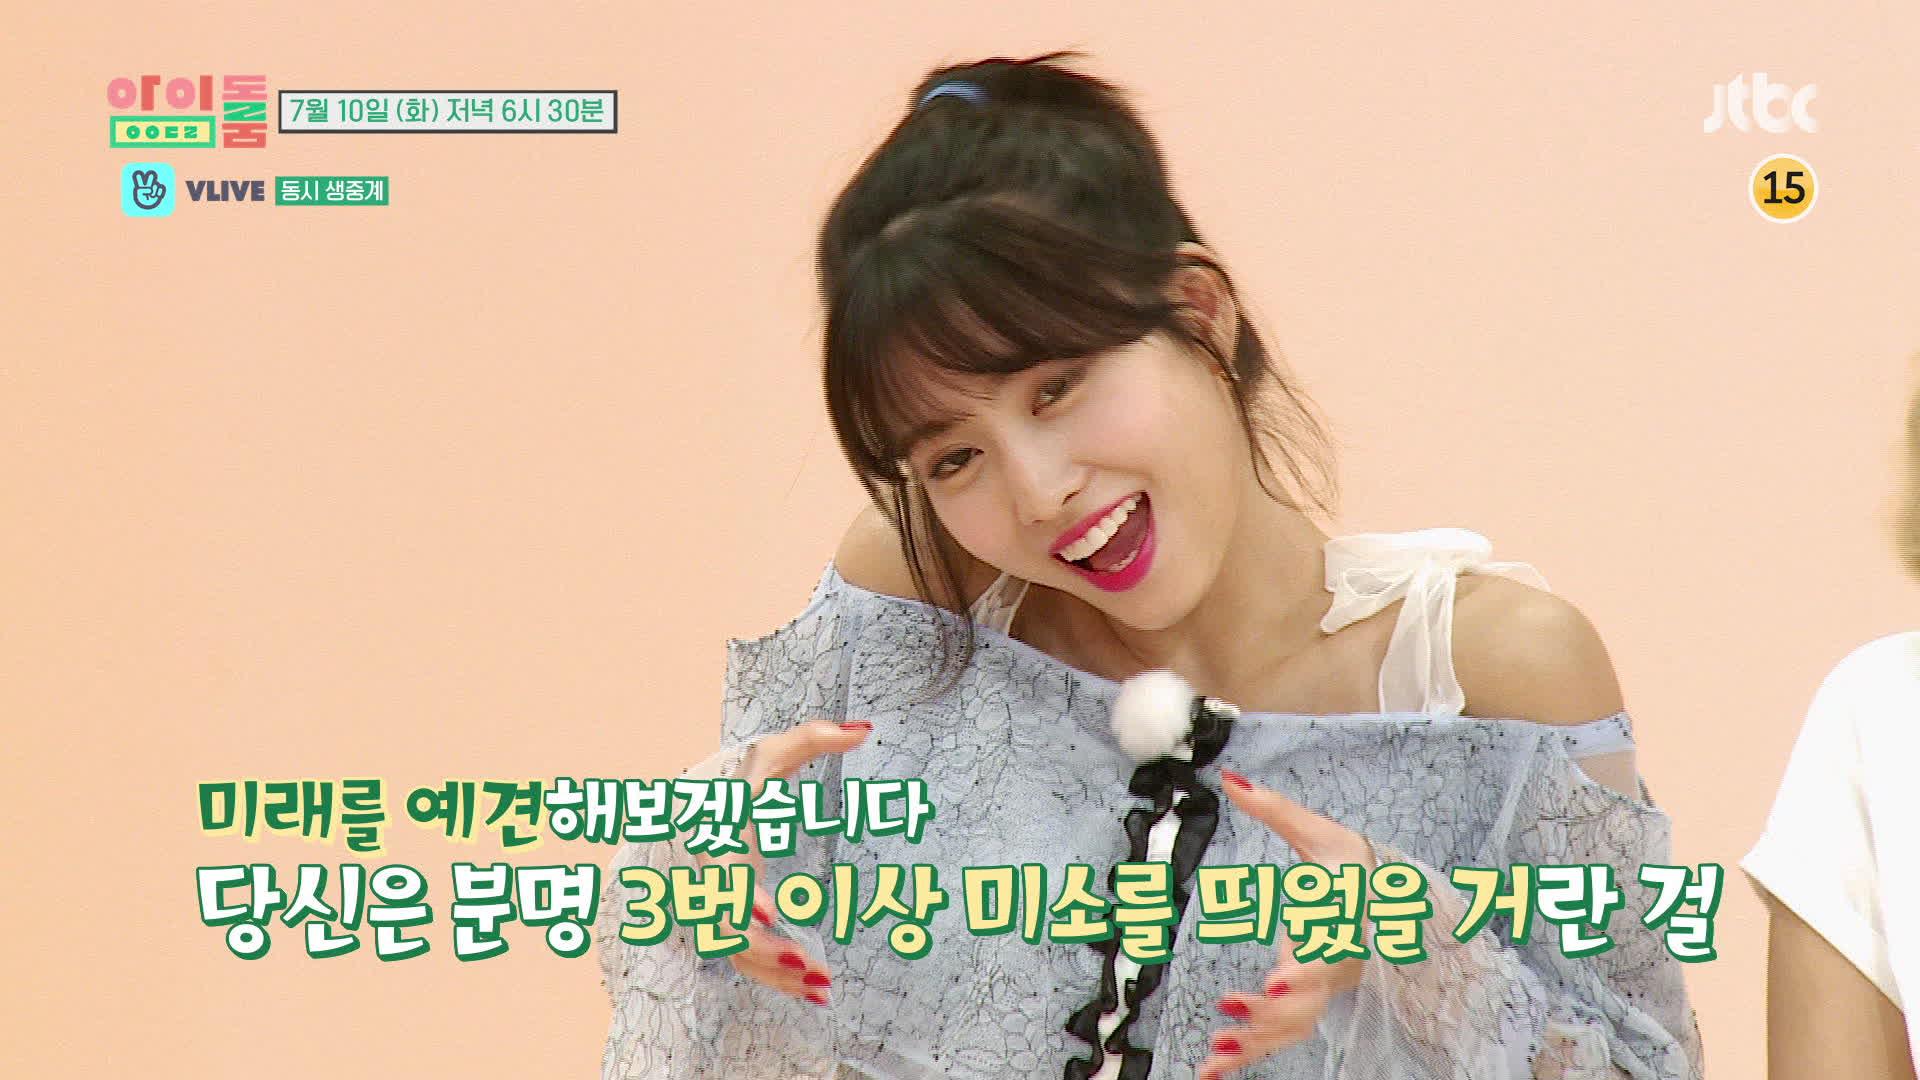 <아이돌룸> 10회 예고 - 트와이스, 섹시 봉인 해제의 현장!